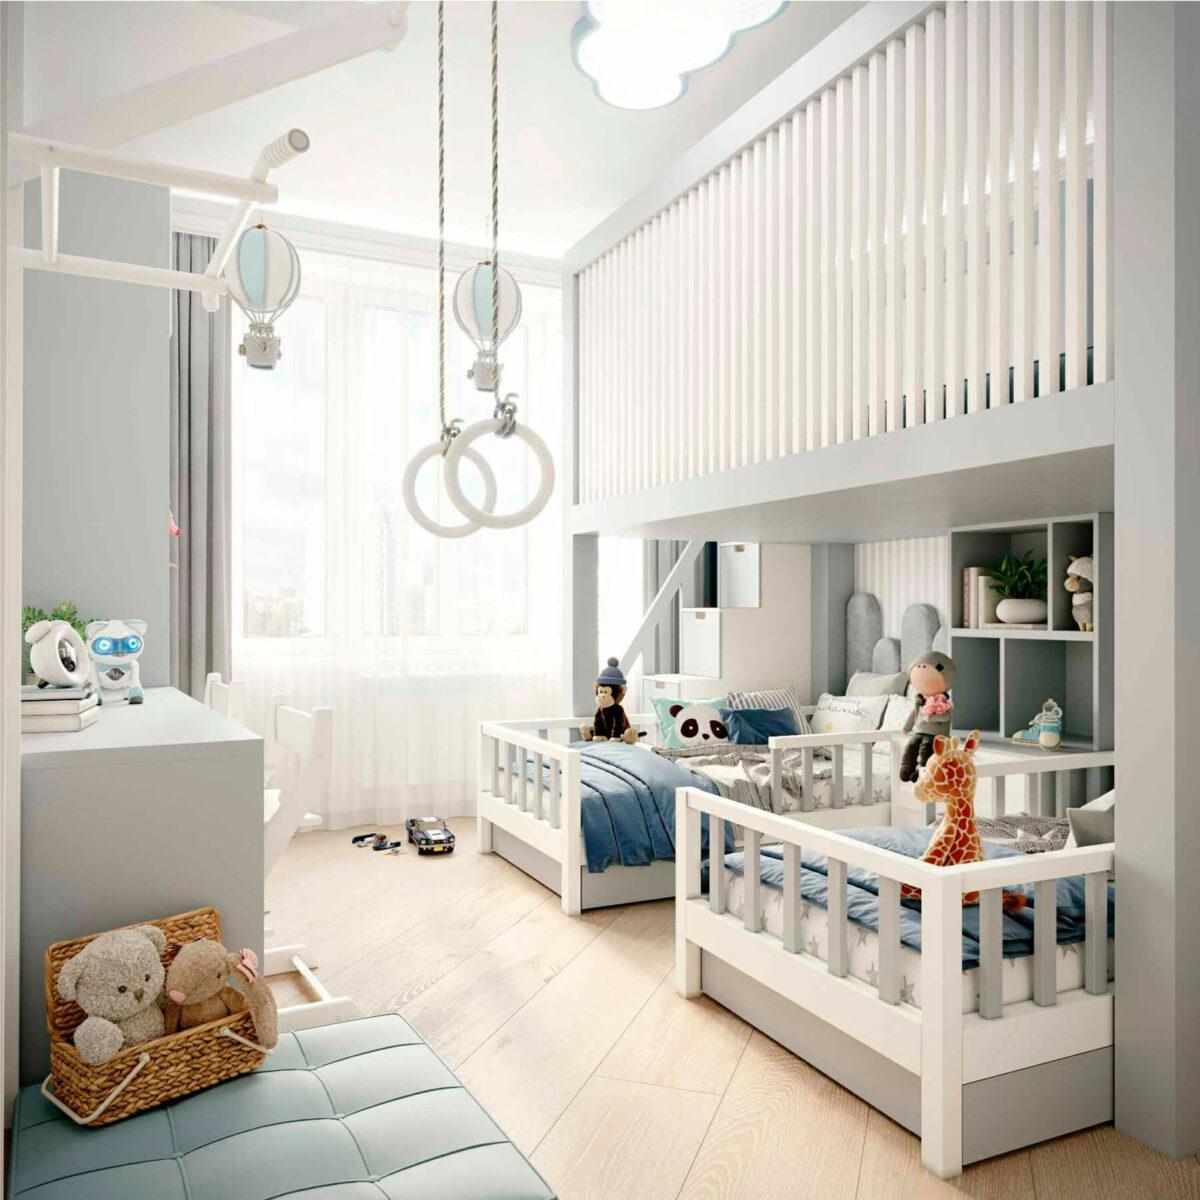 Мебель детской комнаты 2 мальчиков проект 5063-1